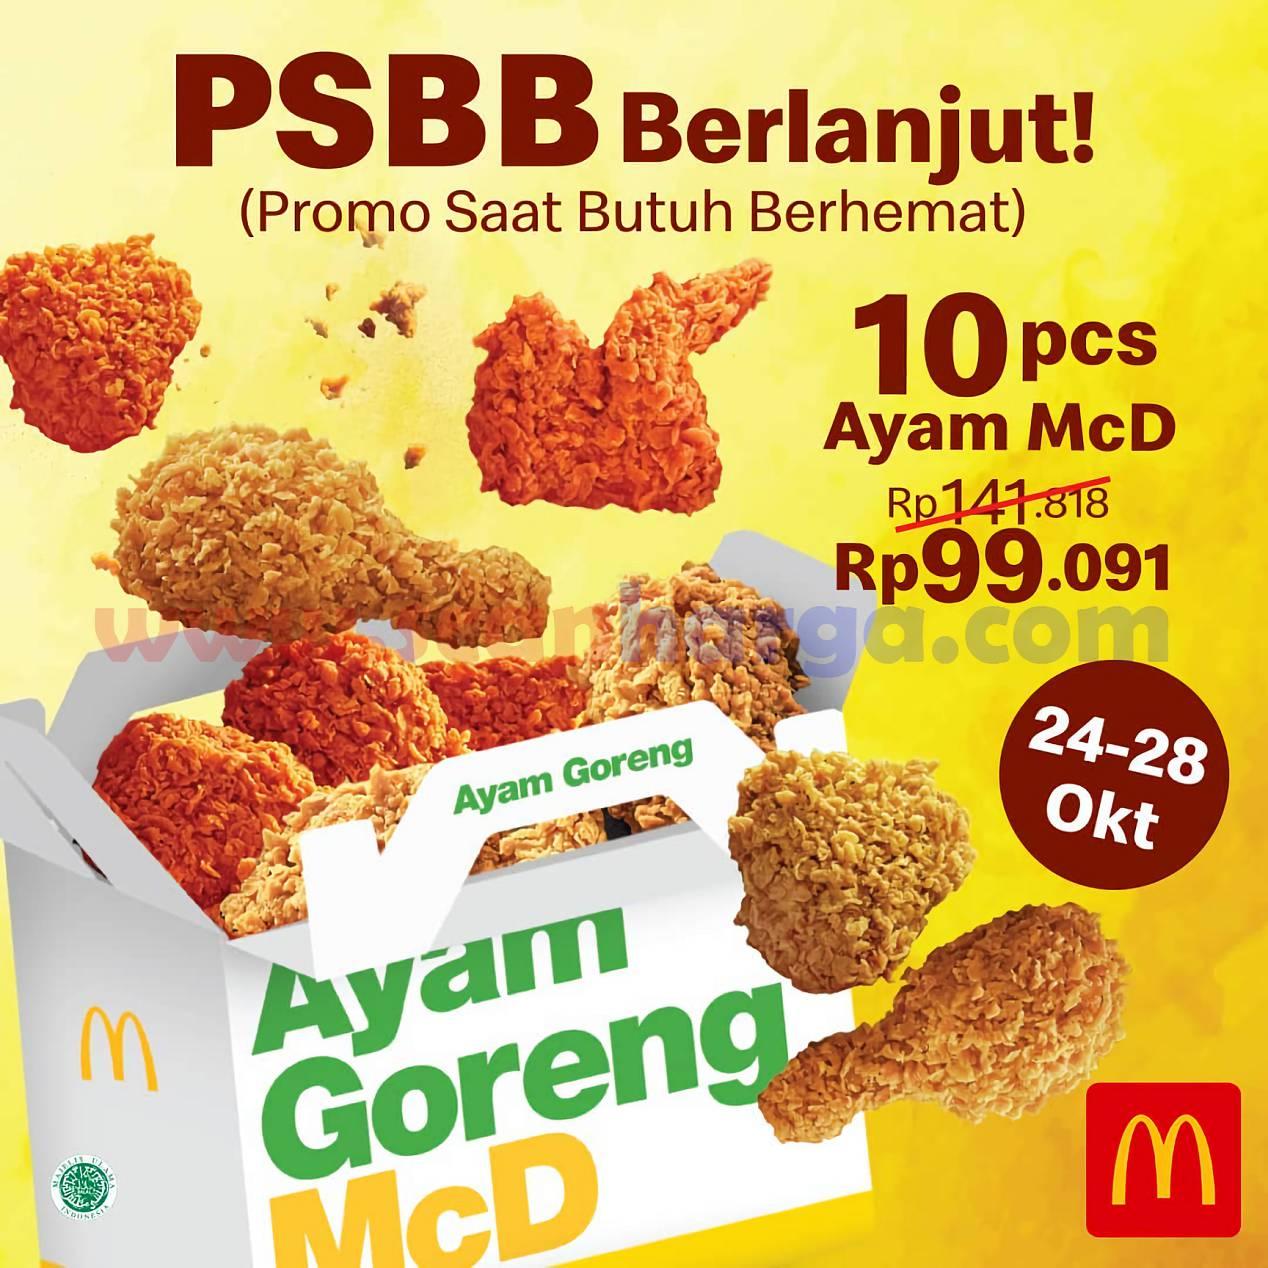 McDonalds PSBB Promo Hemat 10 Pcs Ayam cuma Rp 99.091,- aja